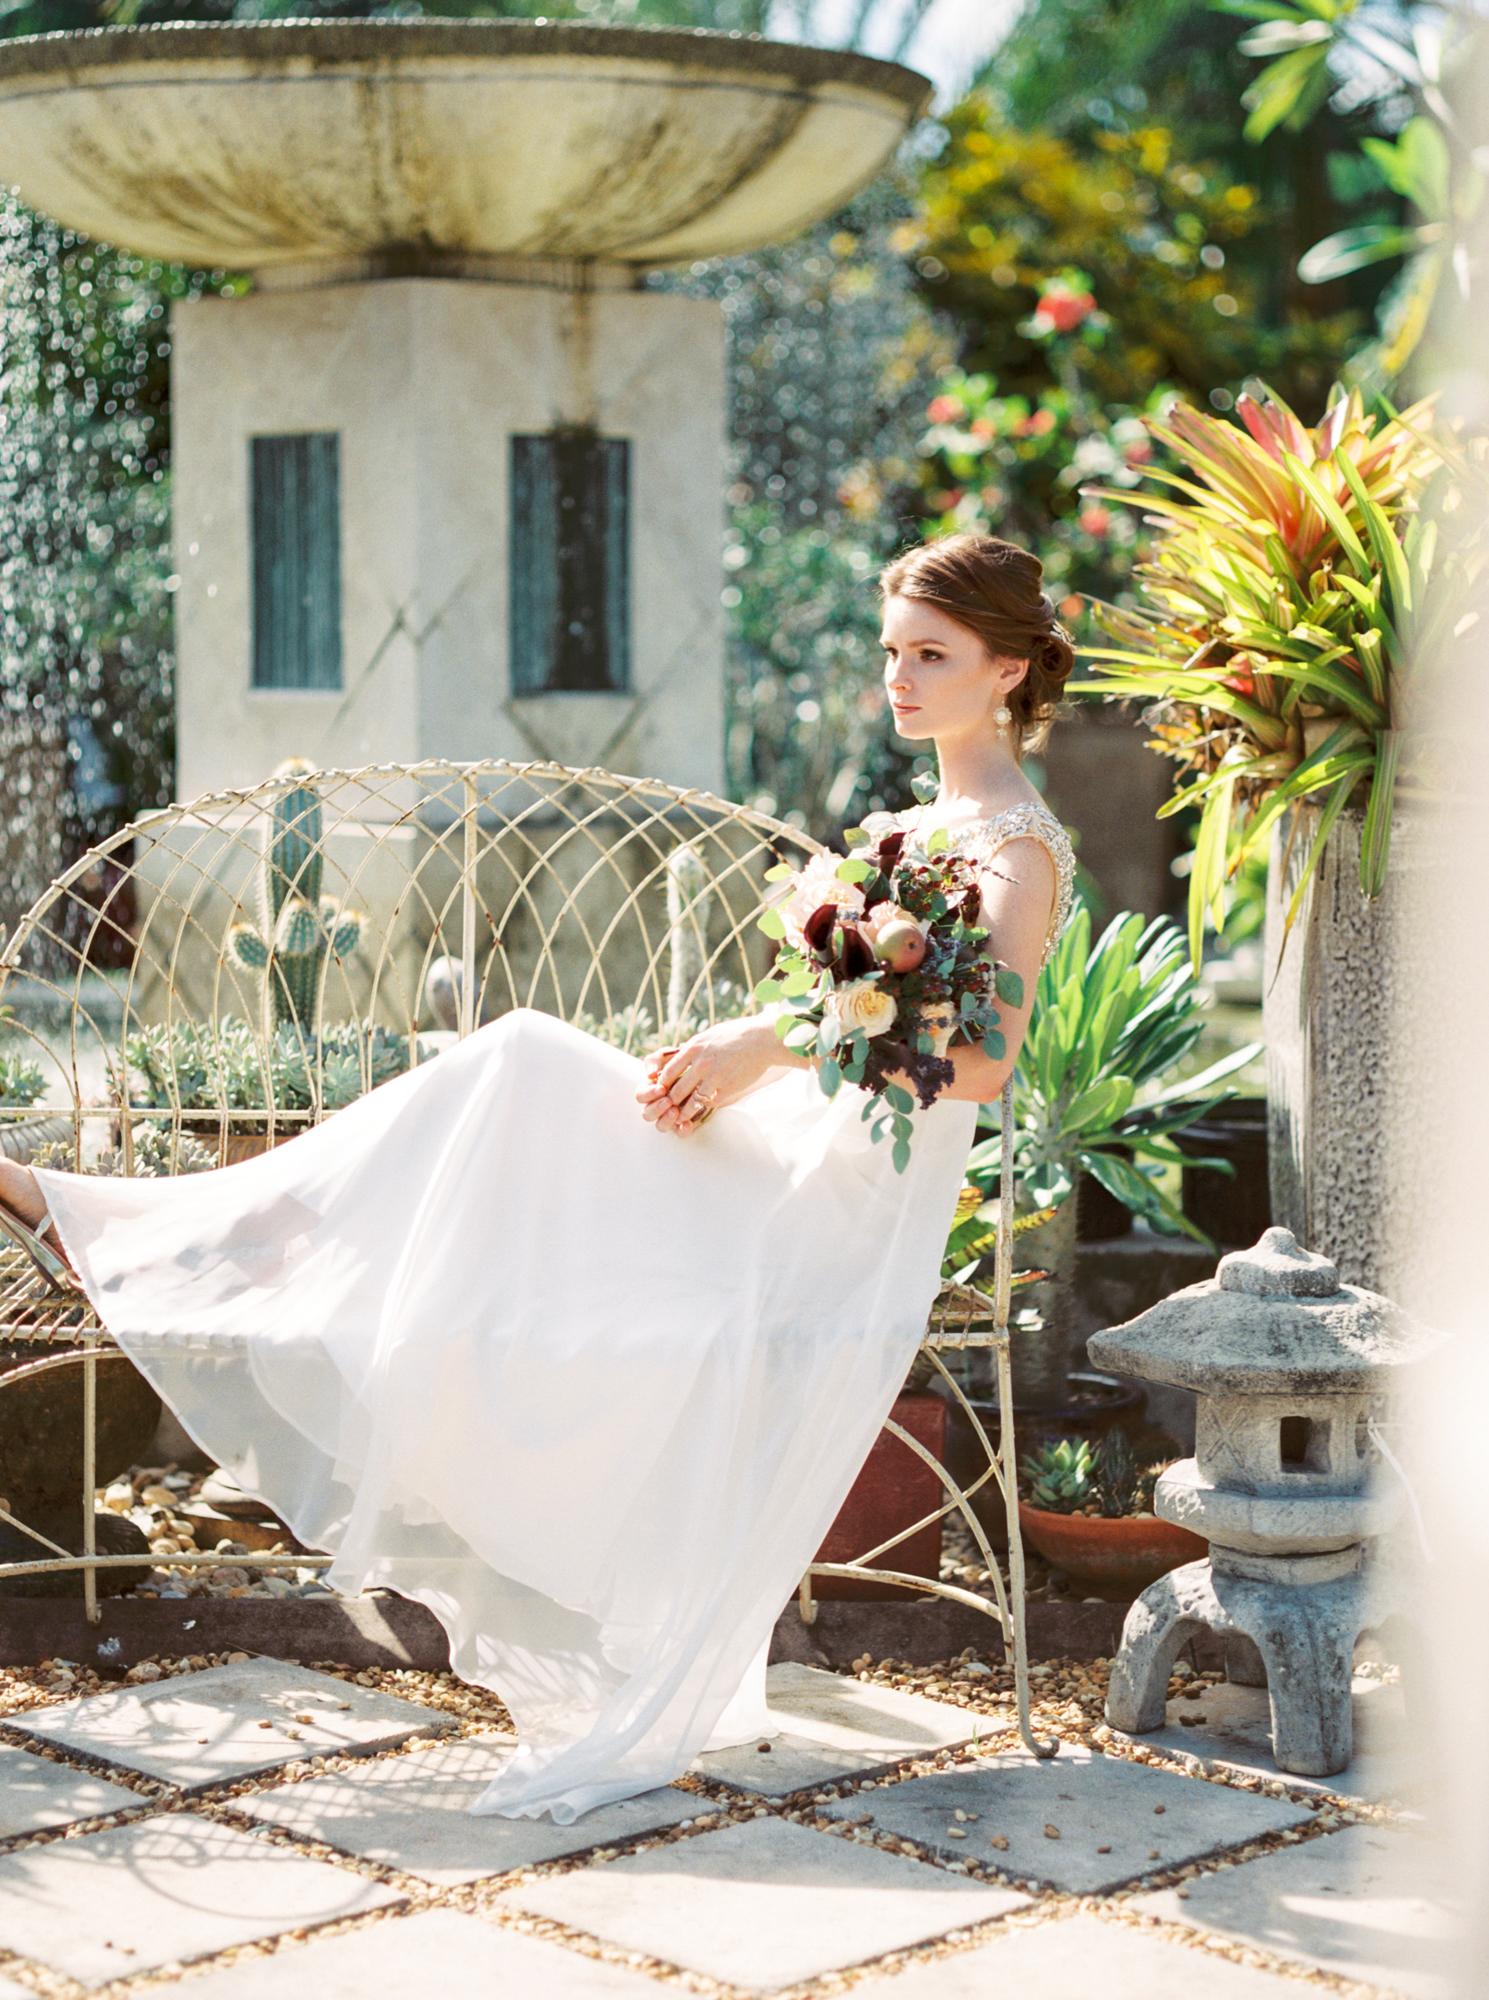 valkaria gardens palm bay FL bride in garden wedding photos